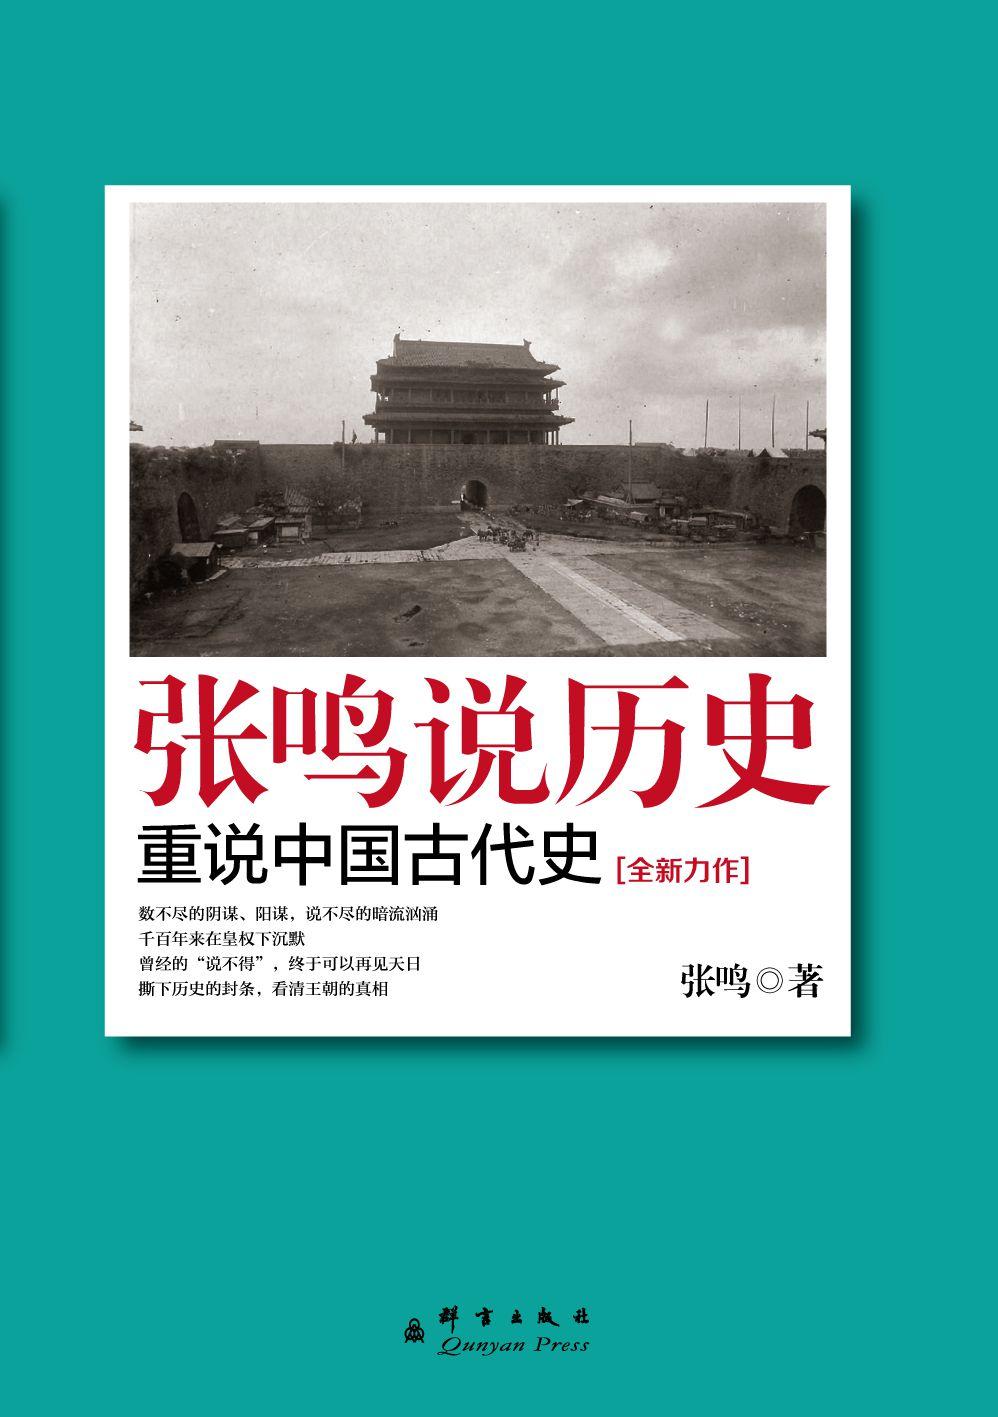 張鳴說曆史:重說中國古代史